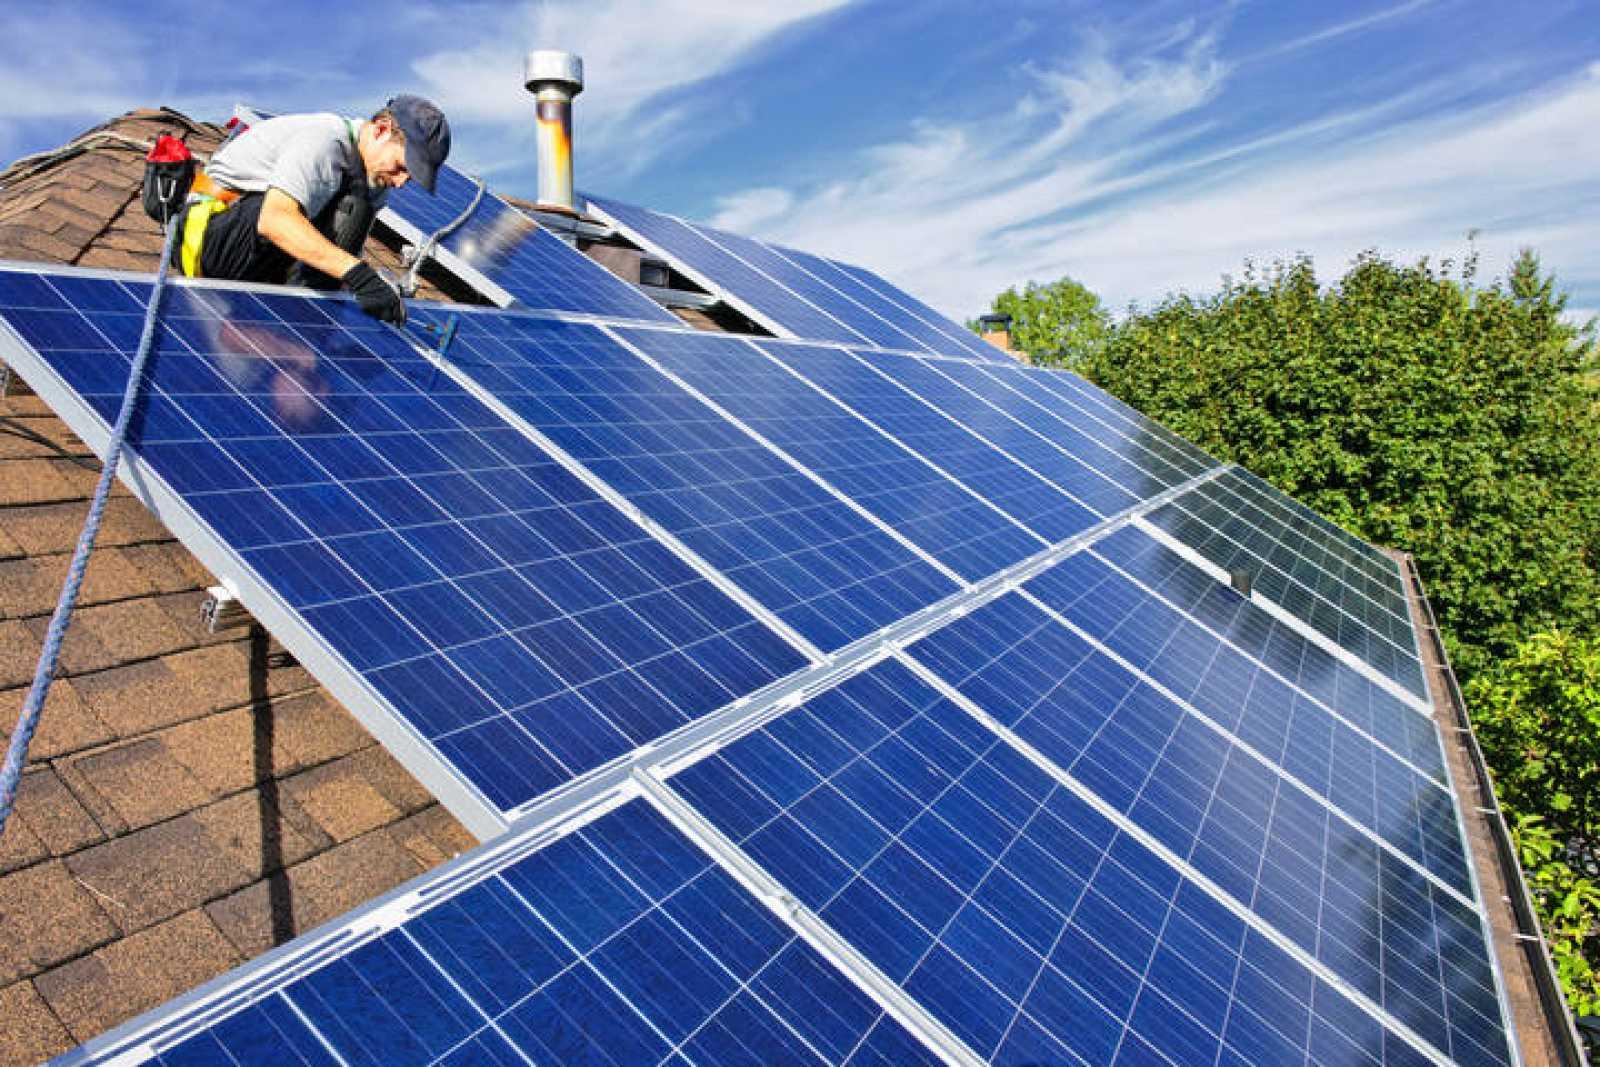 Un operario instala paneles solares en el tejado de una casa